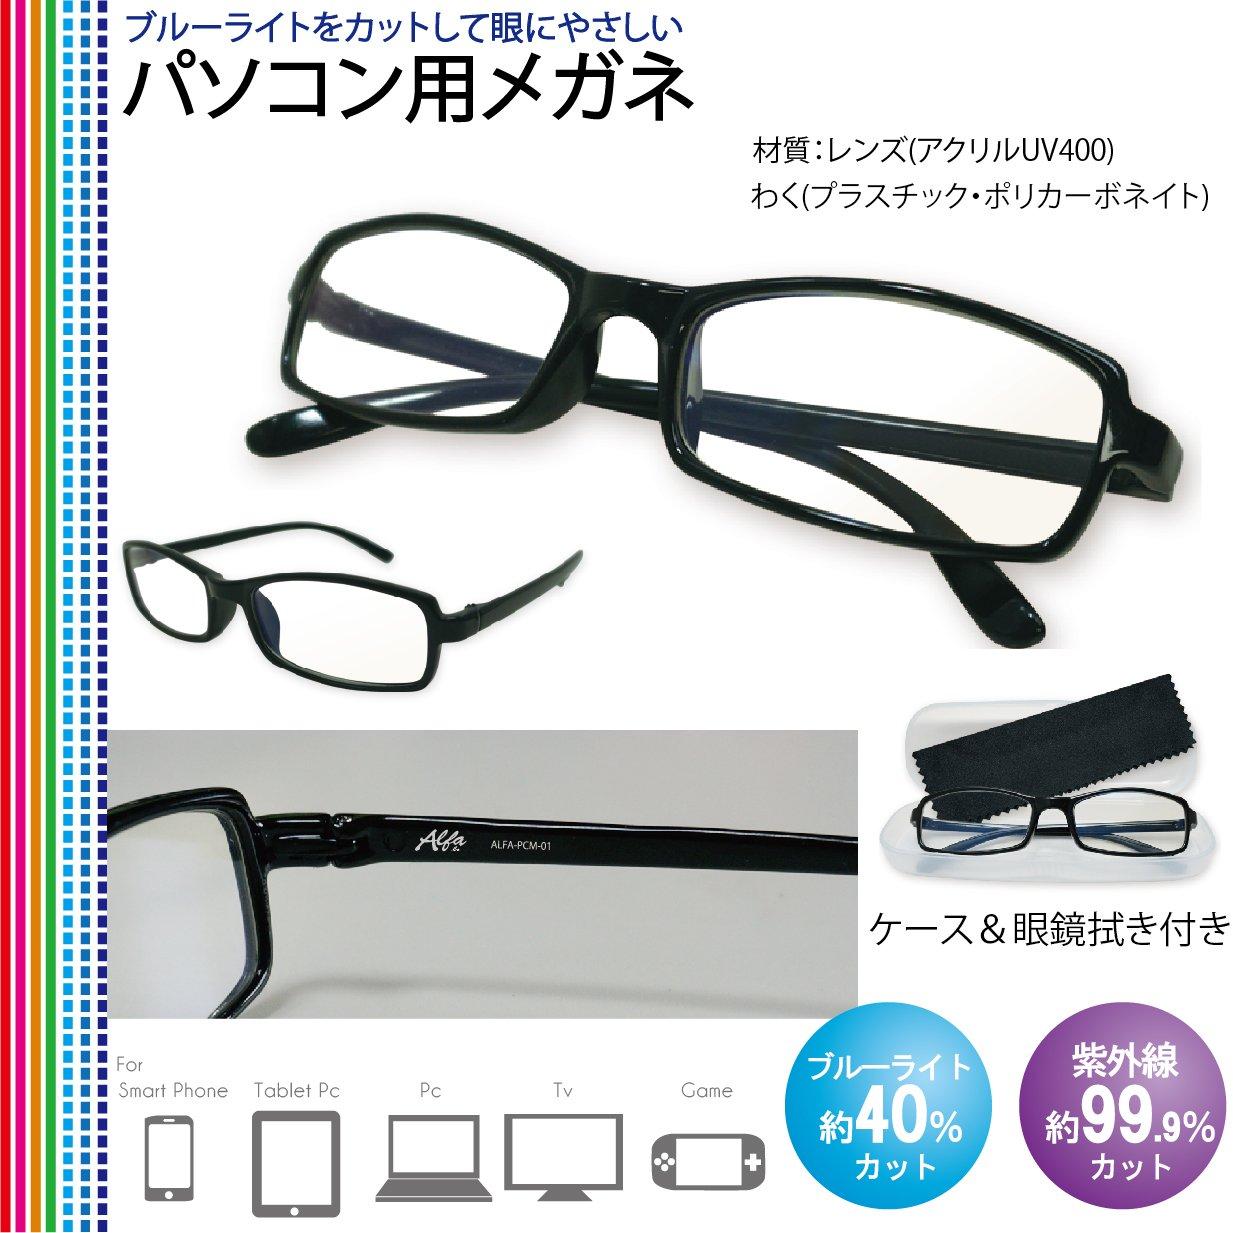 PCメガネ ブルーライトカット 【送料込】 (Black)